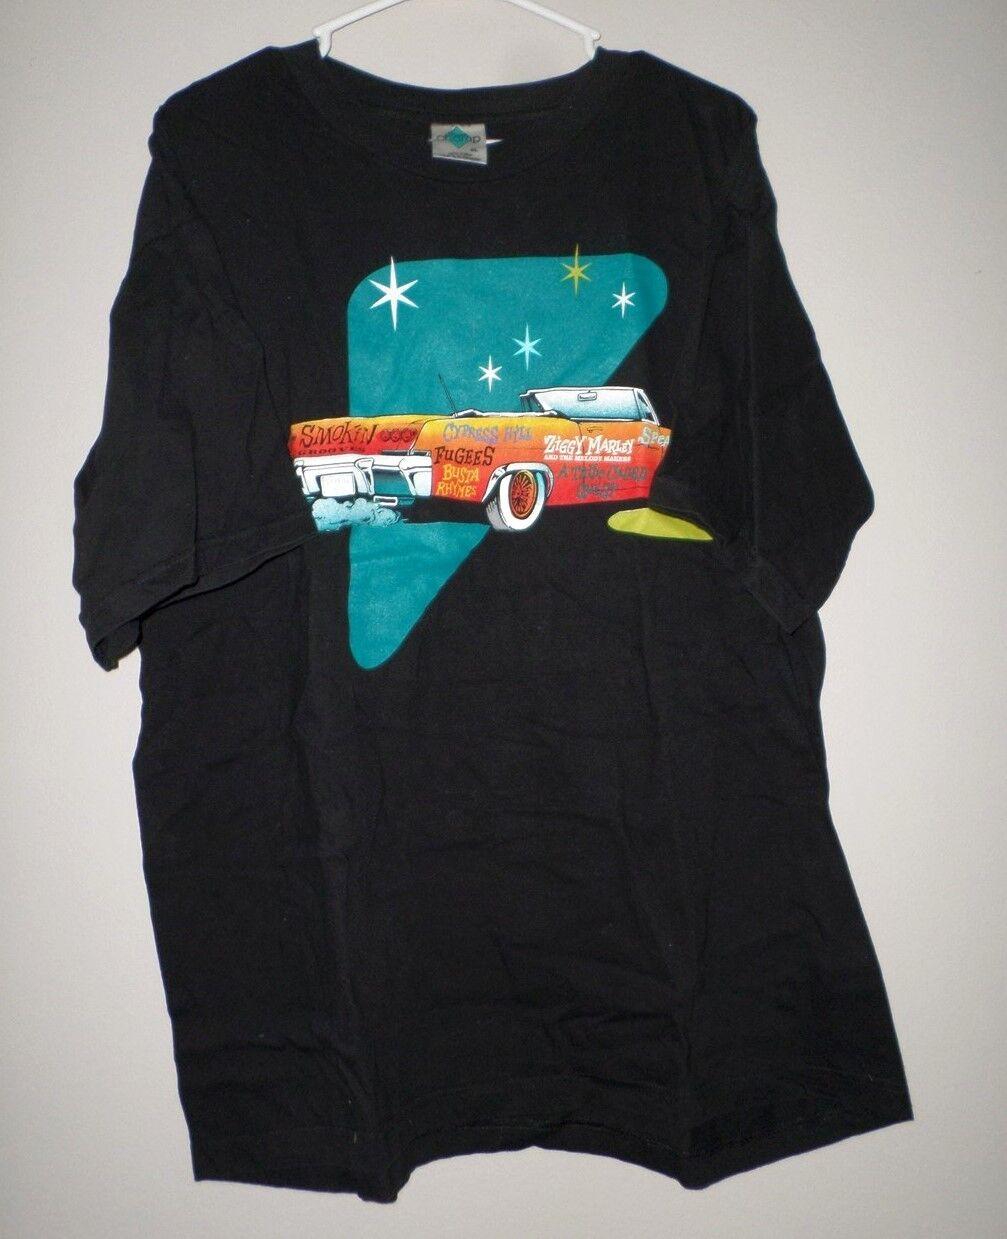 CYPRESS HILL hip hop T shirt shirt shirt XL Tribe Called Quest tour tee Ziggy Marley 1996 25e00e